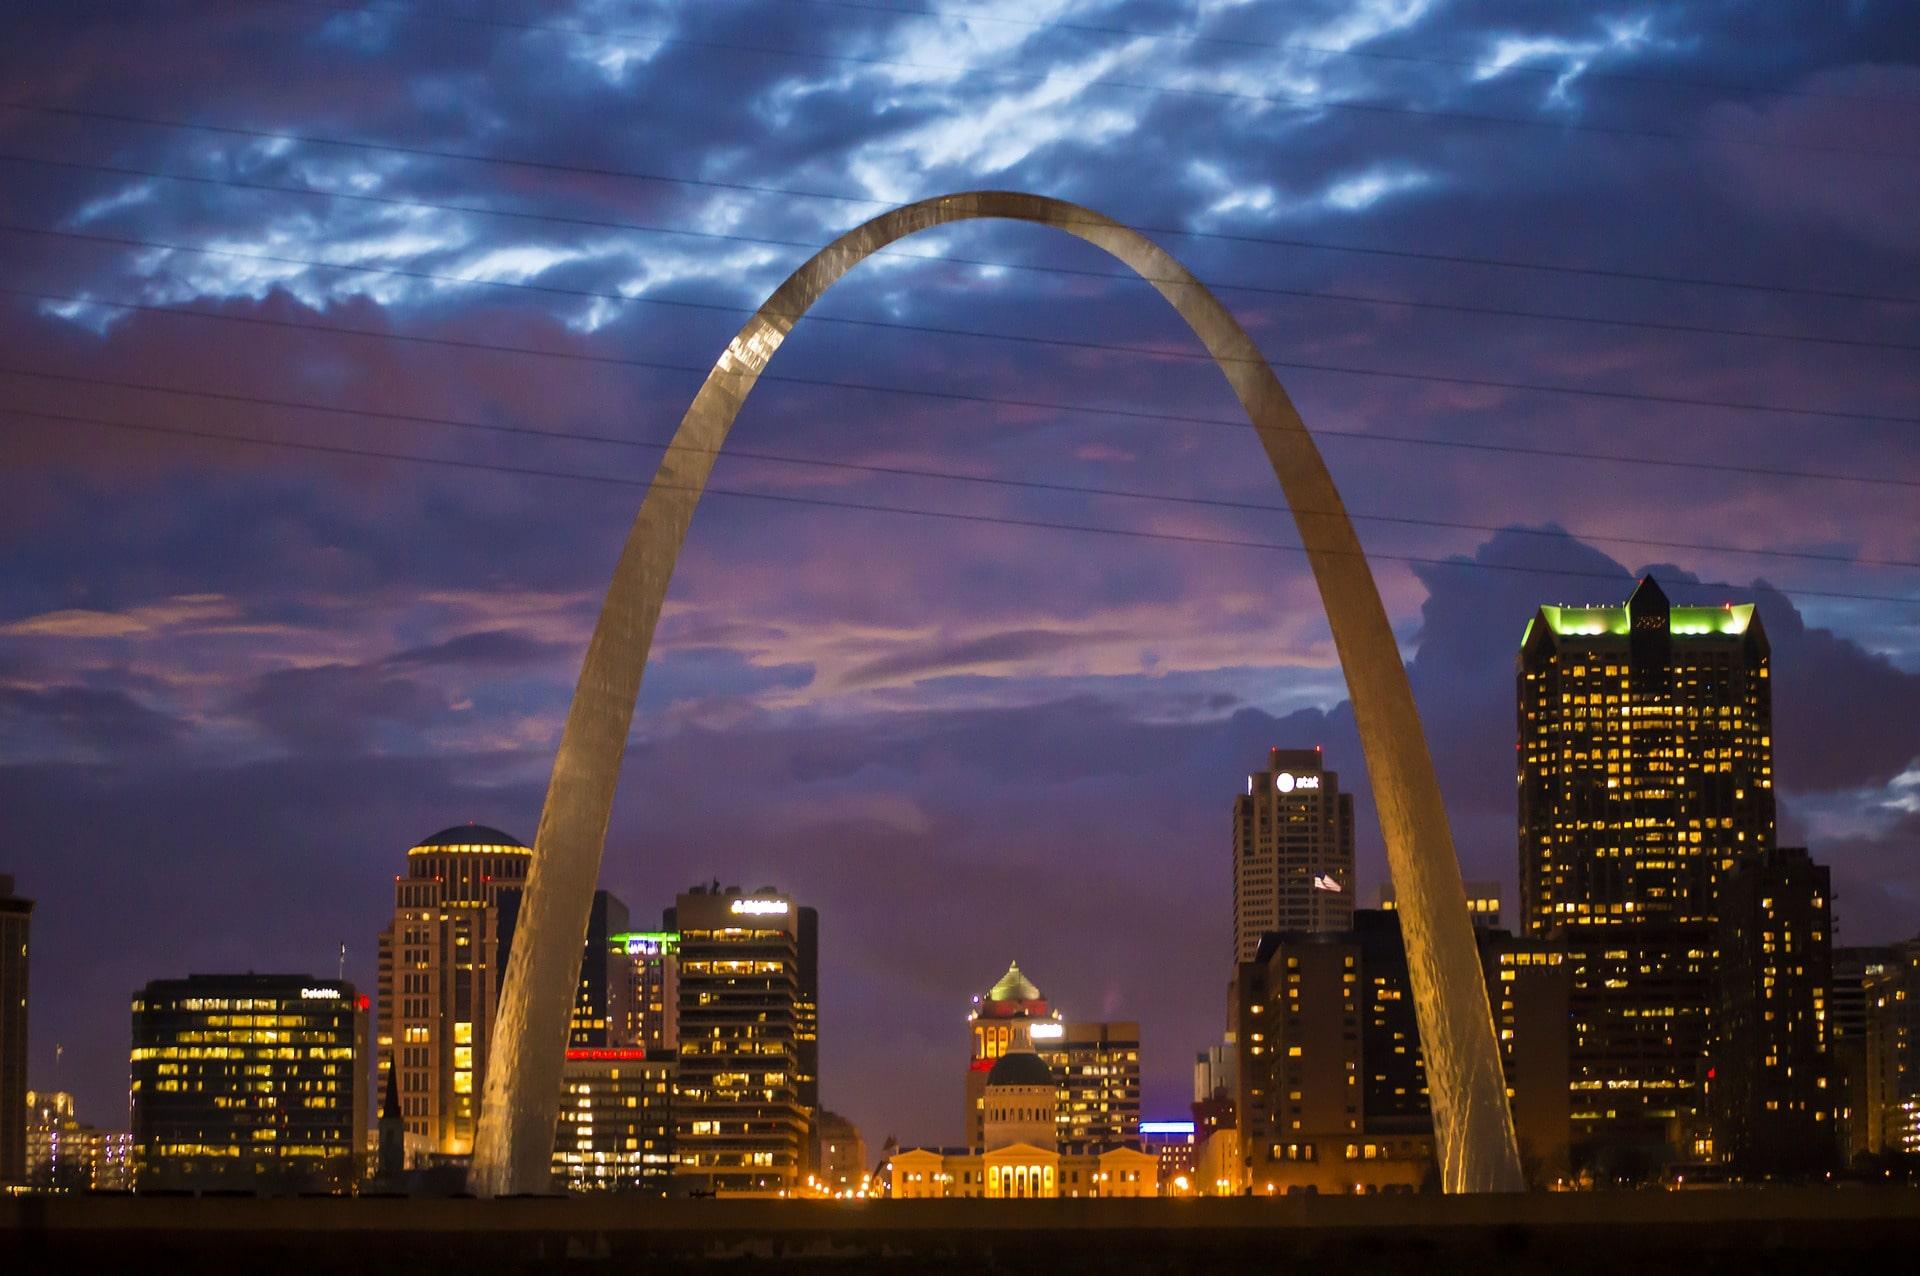 IECC in St. Louis